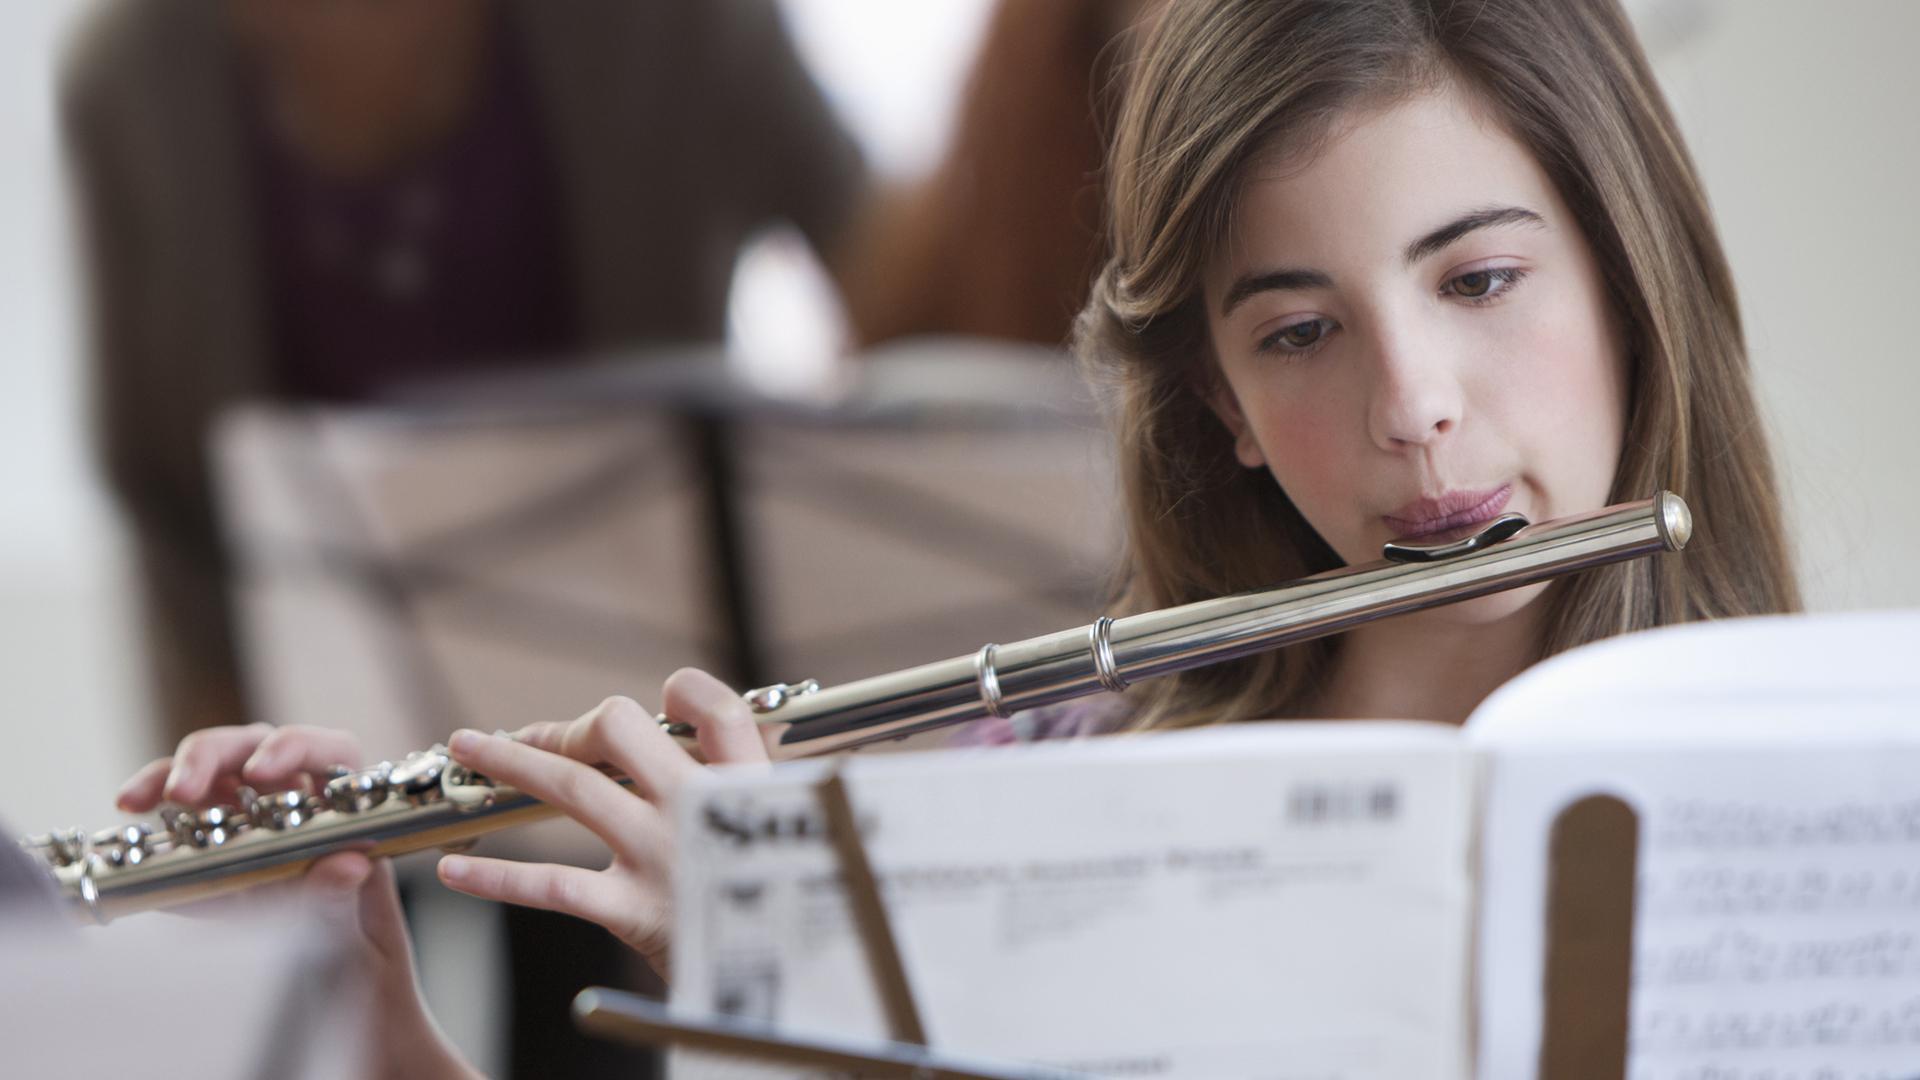 Ученые опровергли теорию о положительном влиянии музыкального обучения на когнитивные способности детей